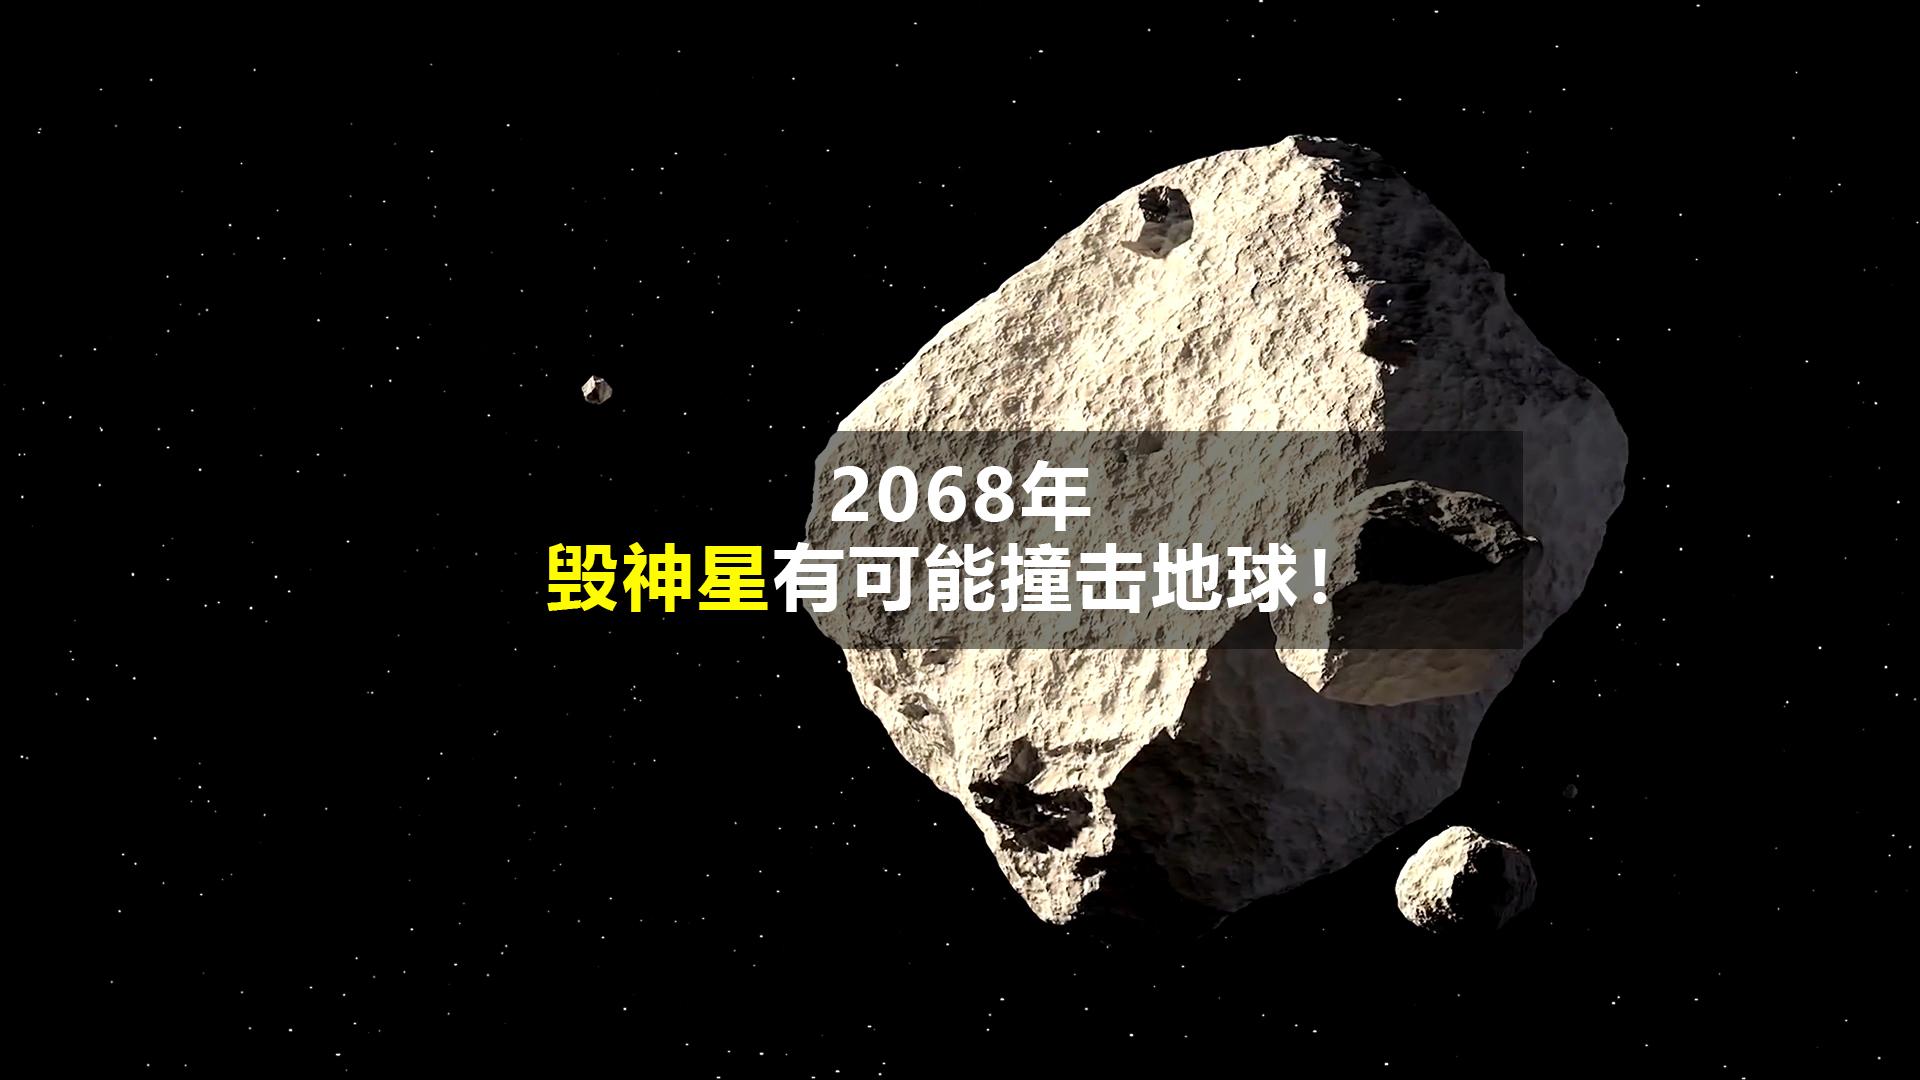 2068年,毁神星有可能撞击地球!人类该如何应对?